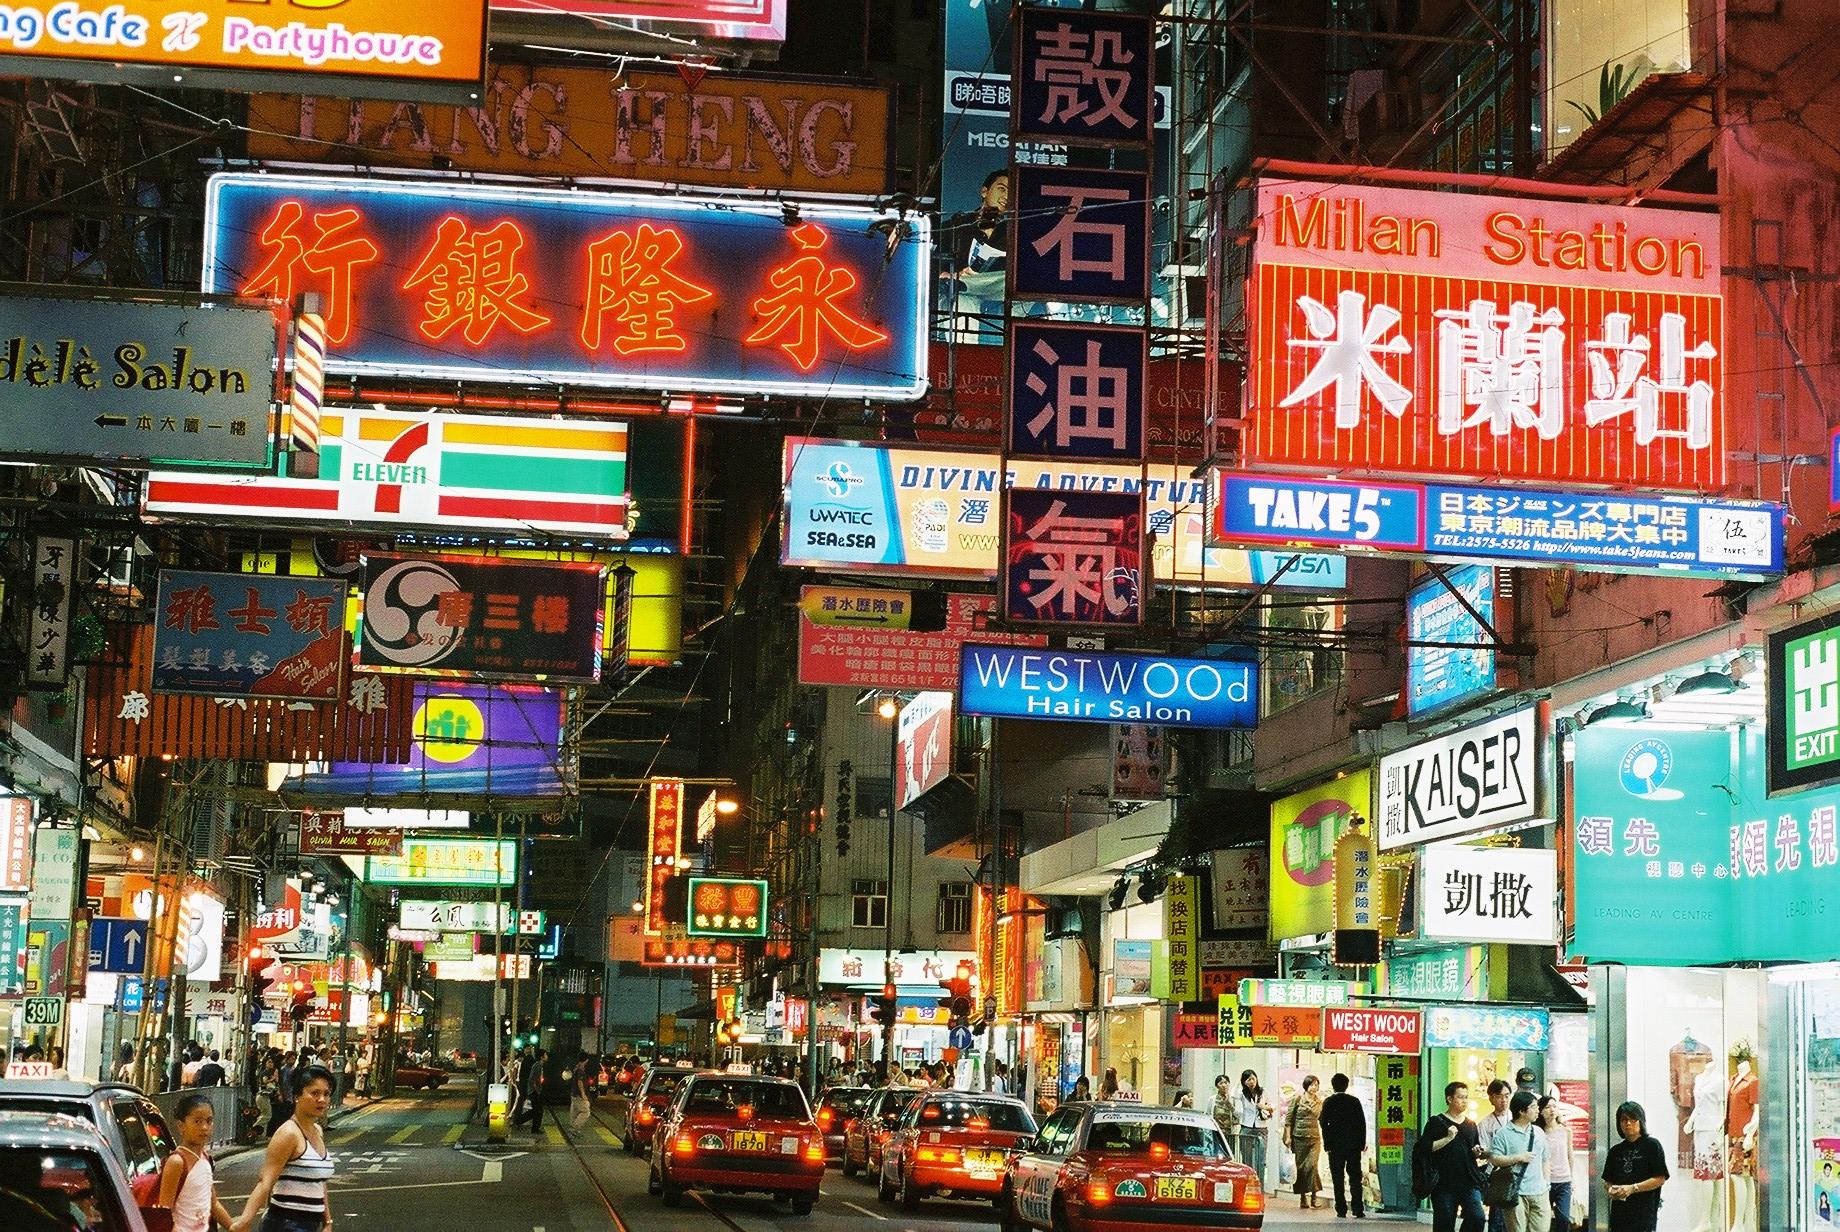 Hong Kong có thể rơi vào khủng hoảng tài chính kiểu Hy Lạp